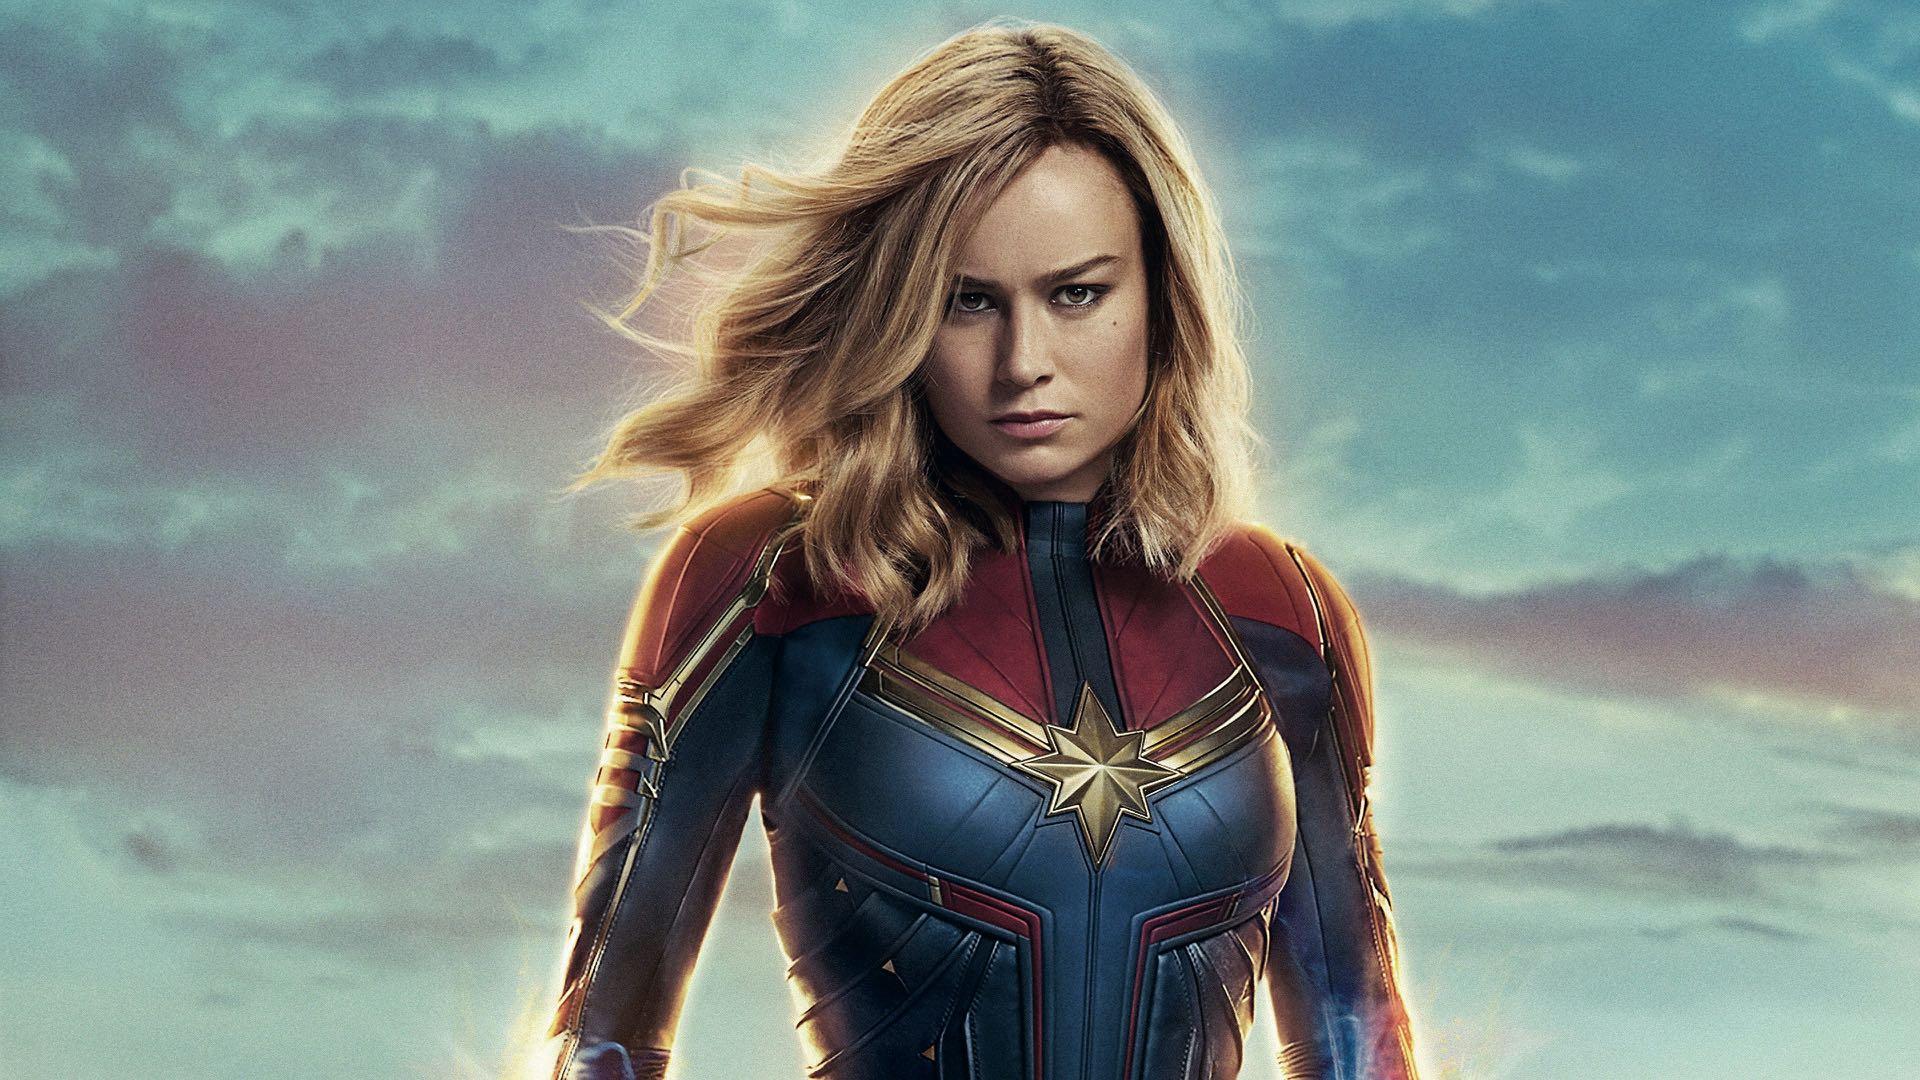 En la pantalla grande llega Captain Marvel,la primera de Marvel con una superheroína como protagonista.¡Vamos Brie Larson!